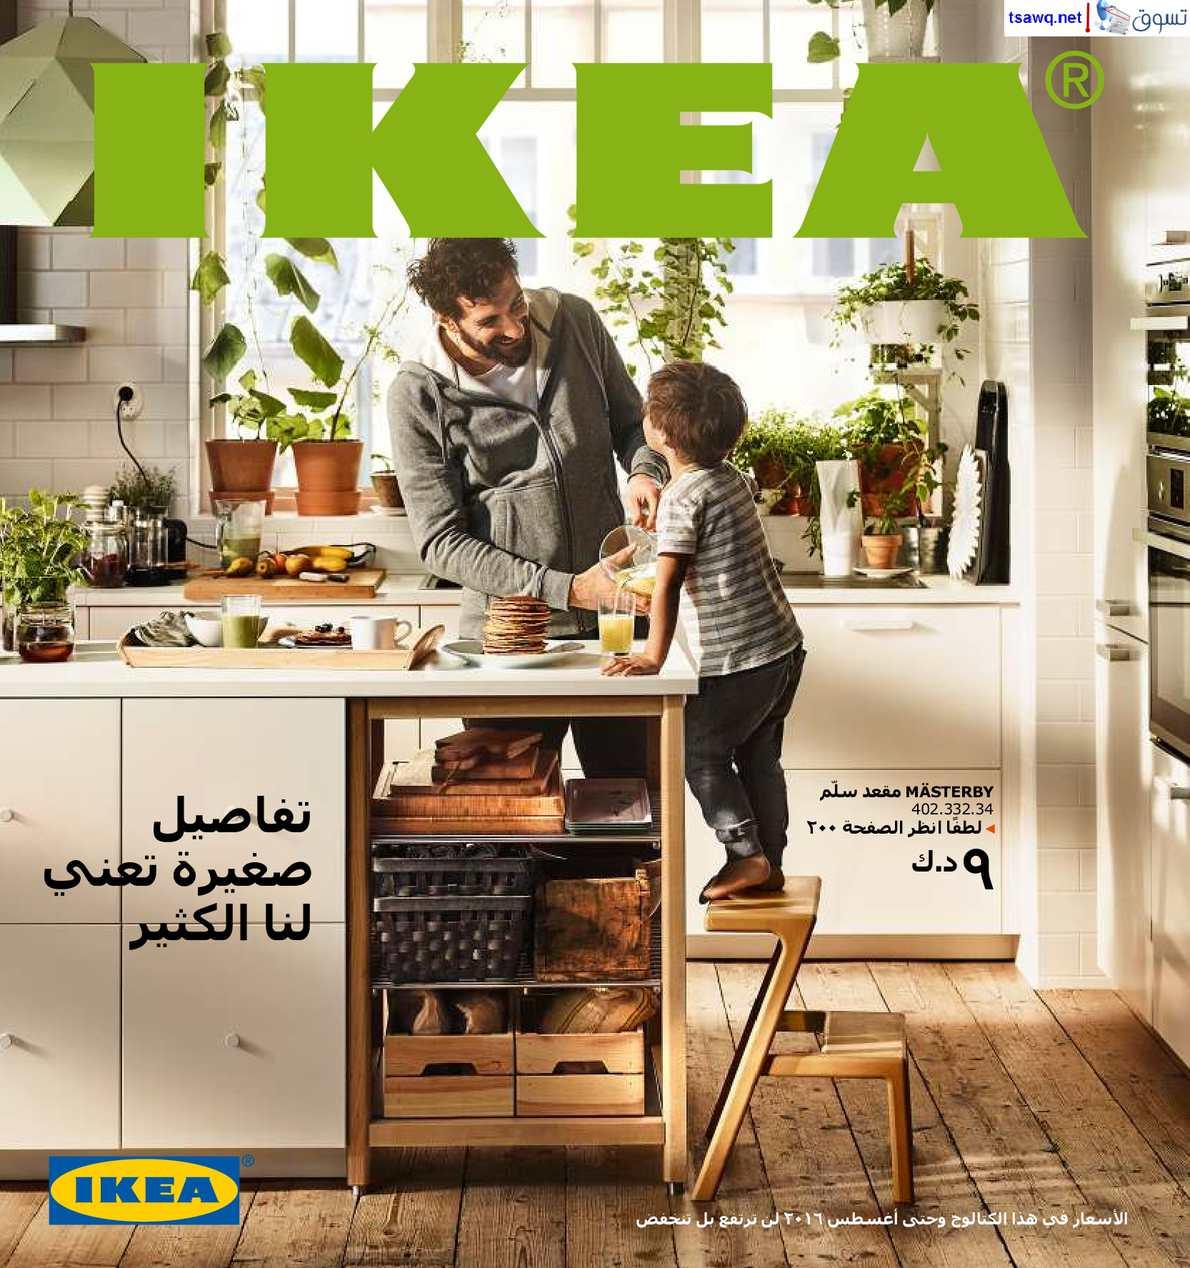 c9f8db891 Calaméo - Tsawq Net Ikea Catalogue Ar 02 09 2015